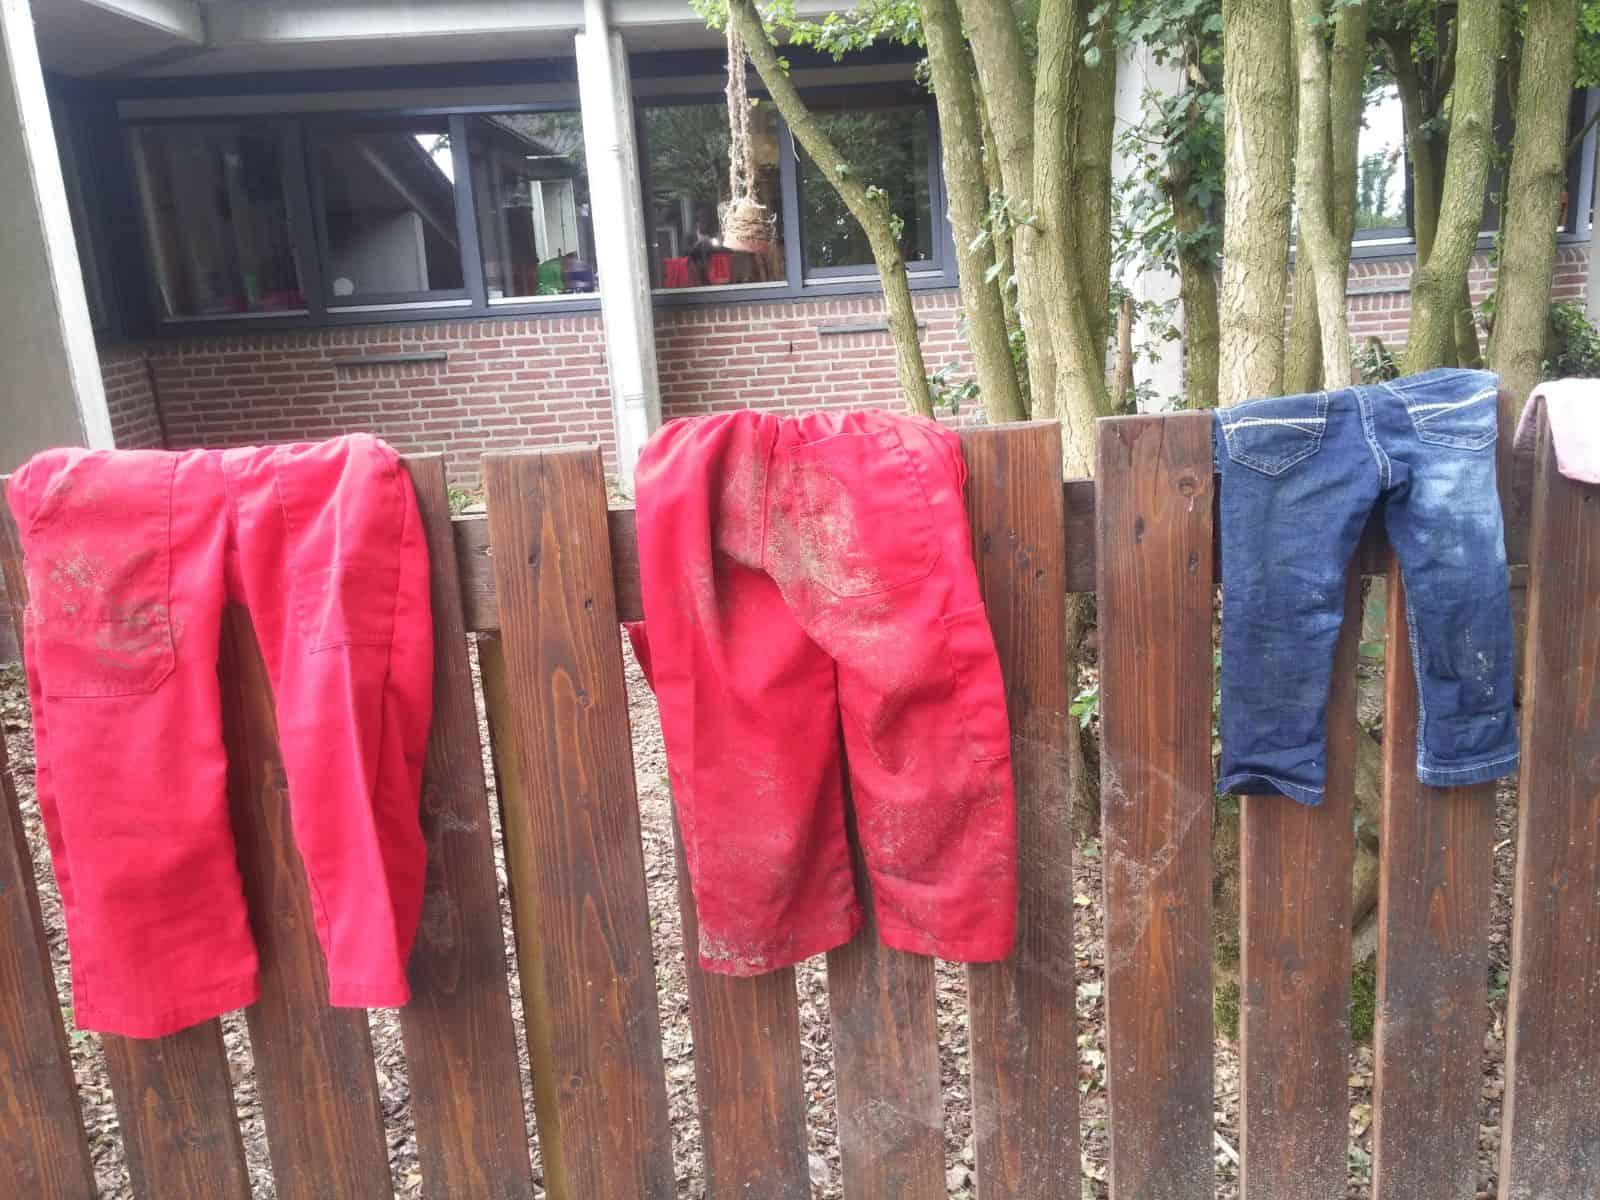 Kinderdagverblijf naar de boerderij kinder overalls met modder